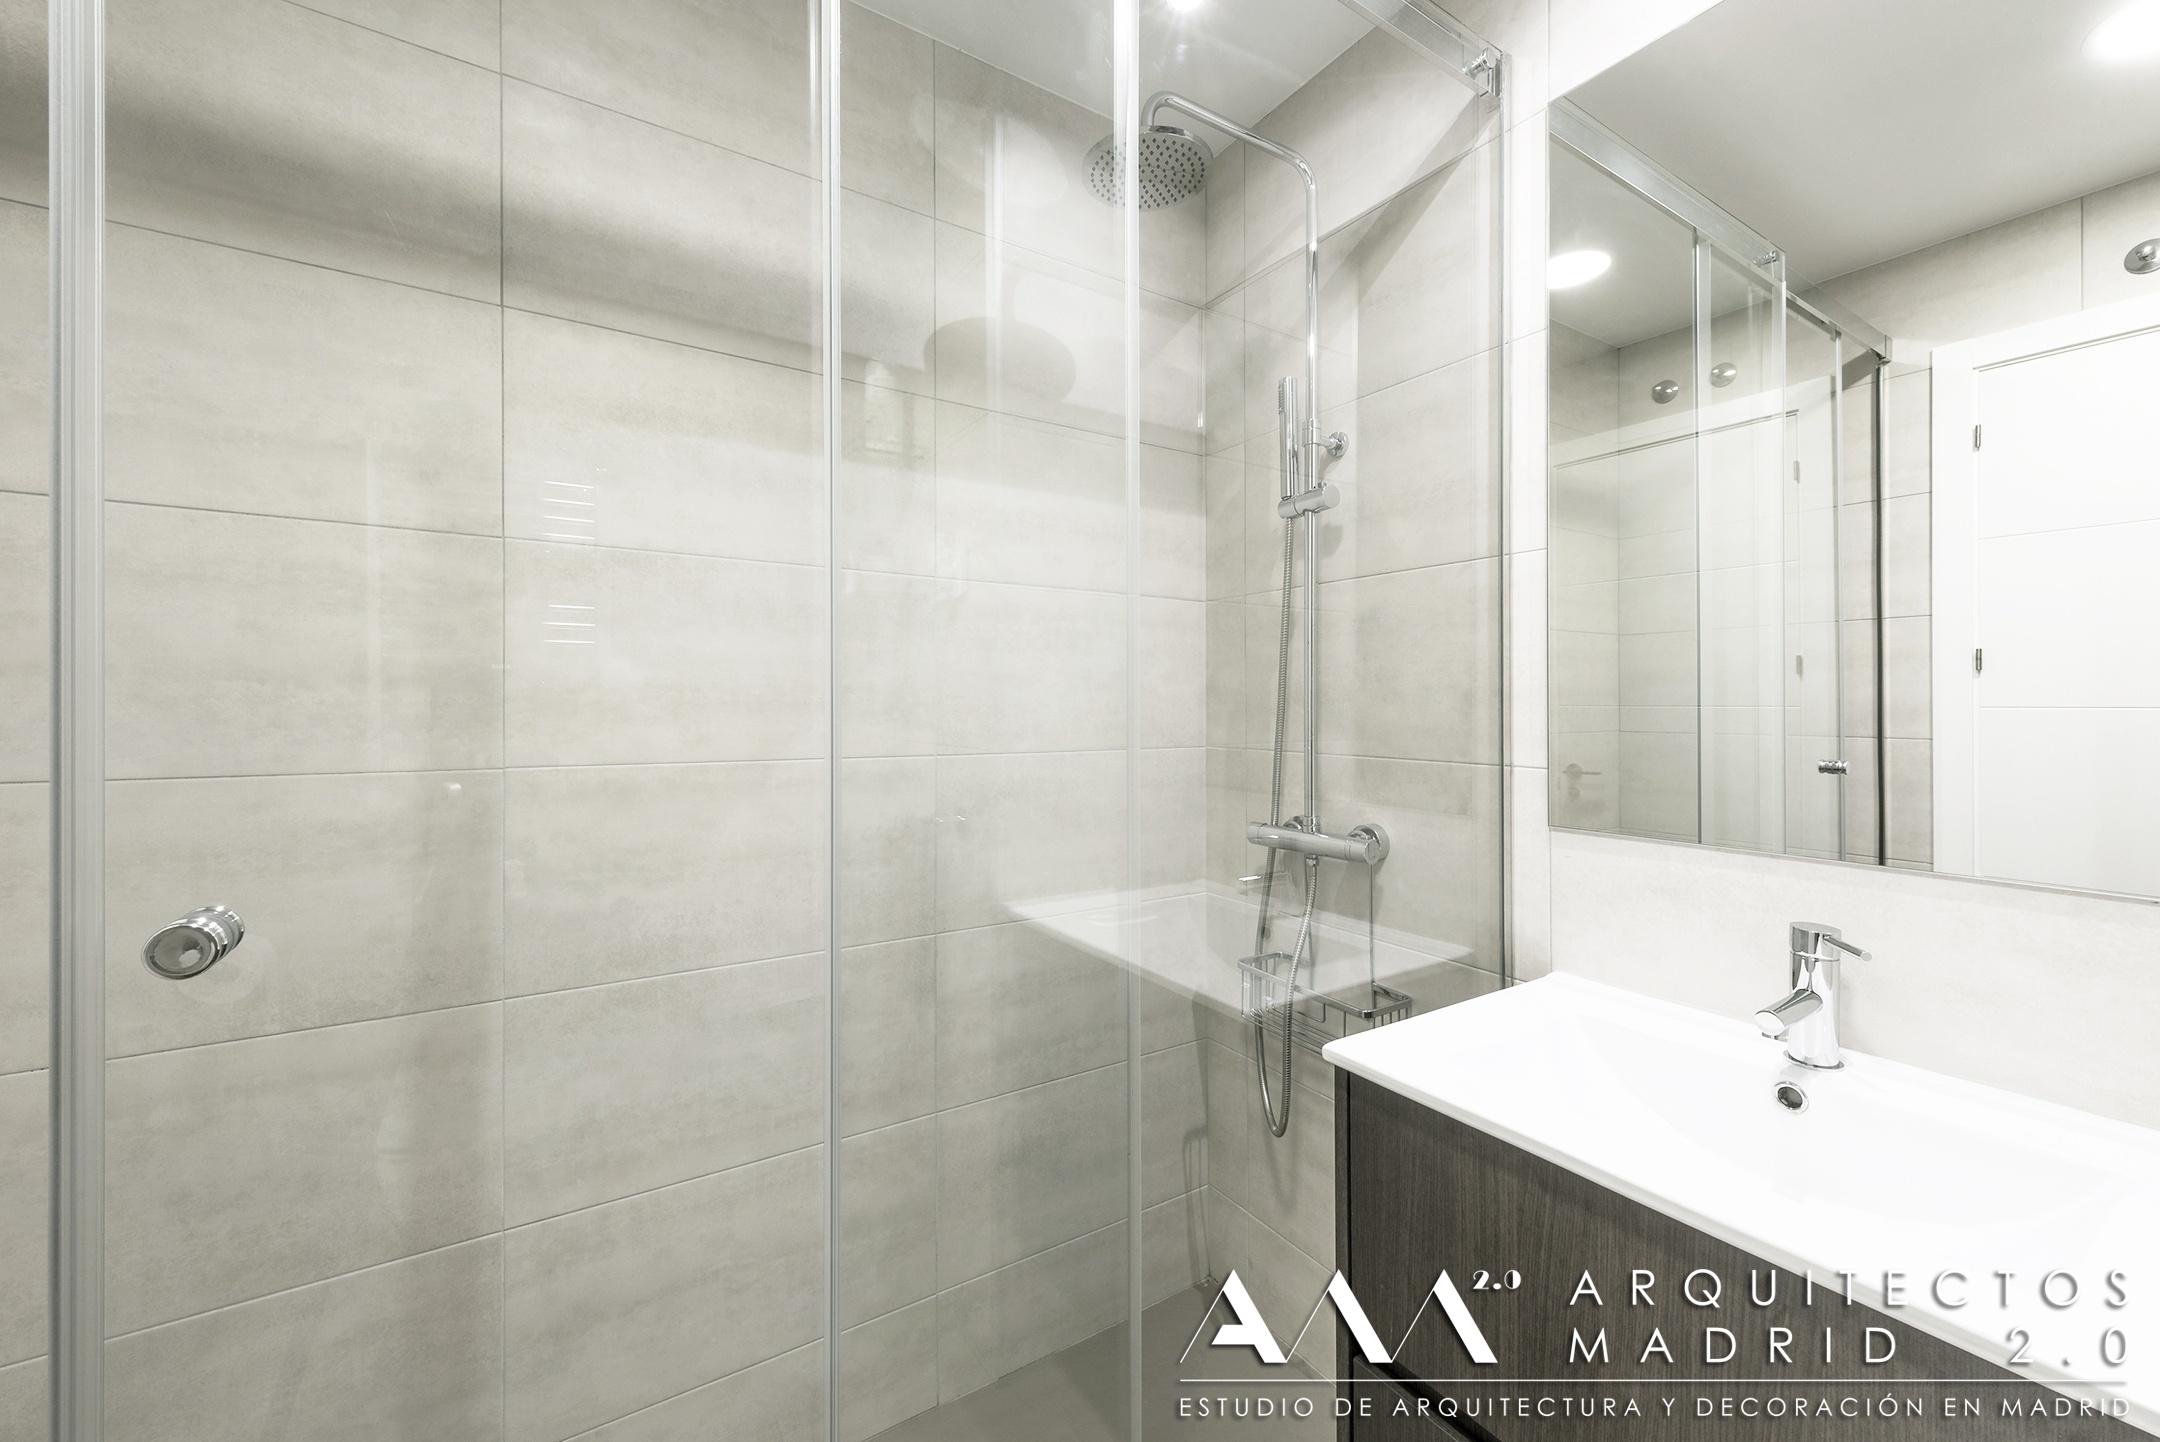 reforma-piso-apartamento-vivienda-120m2-barrio-retiro-madrid-009